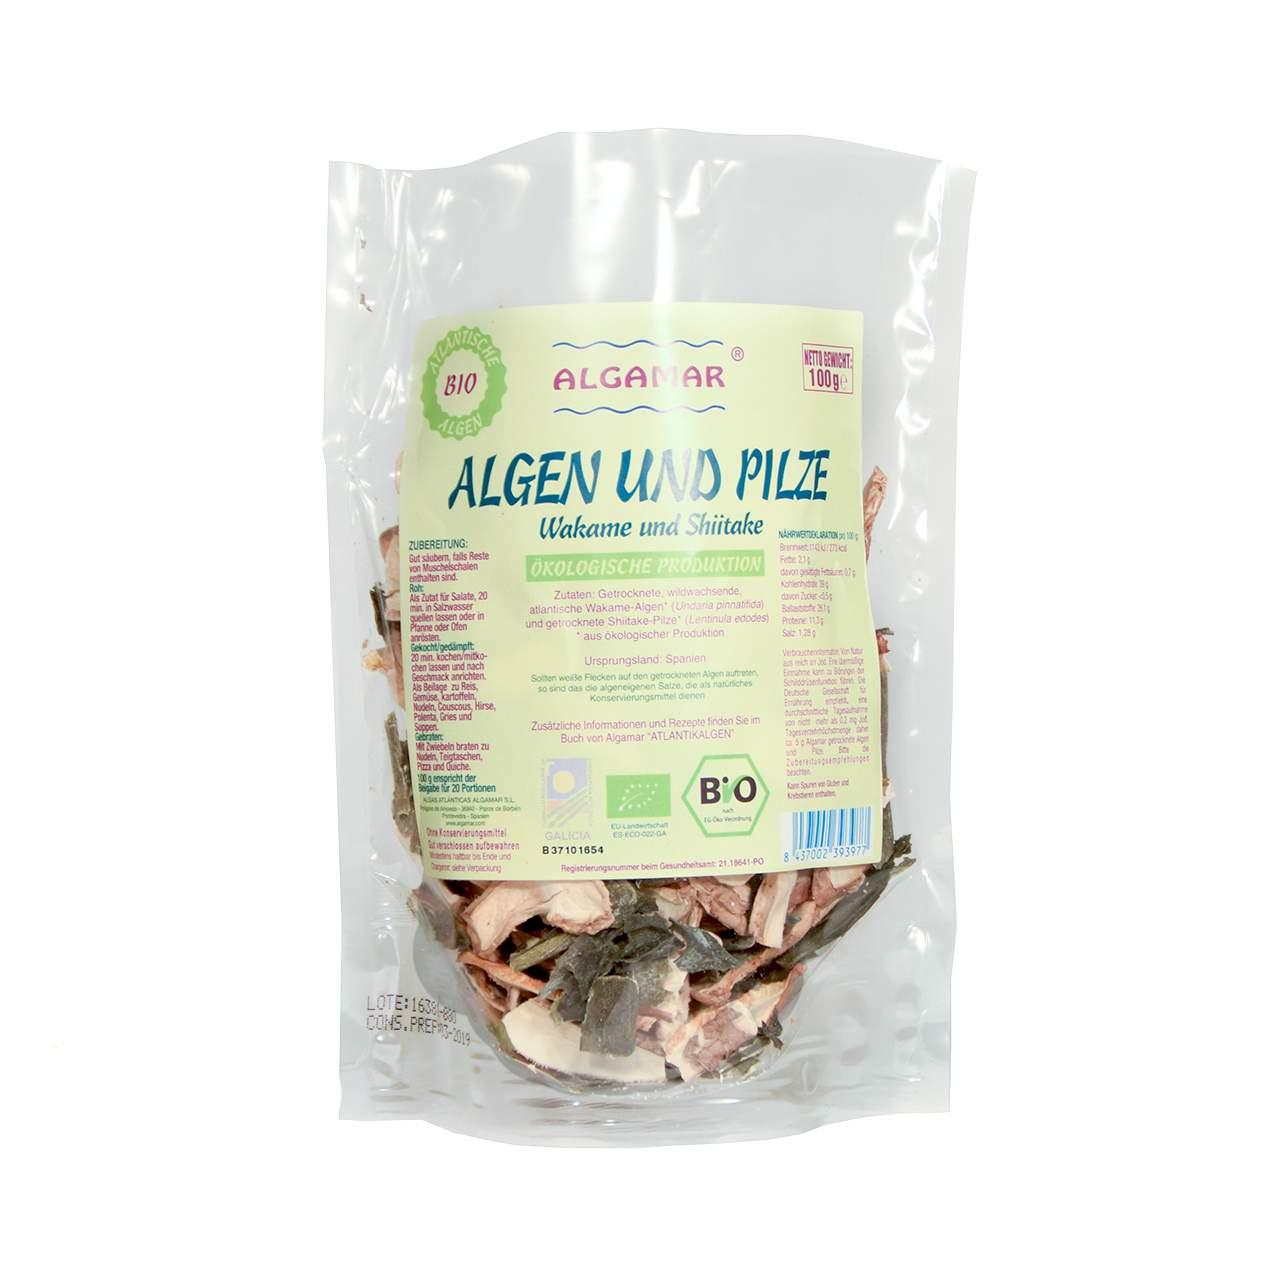 algen und pilze 100g wakame undaria pinnatifida und shiitake lentinula edodes roh und bio. Black Bedroom Furniture Sets. Home Design Ideas